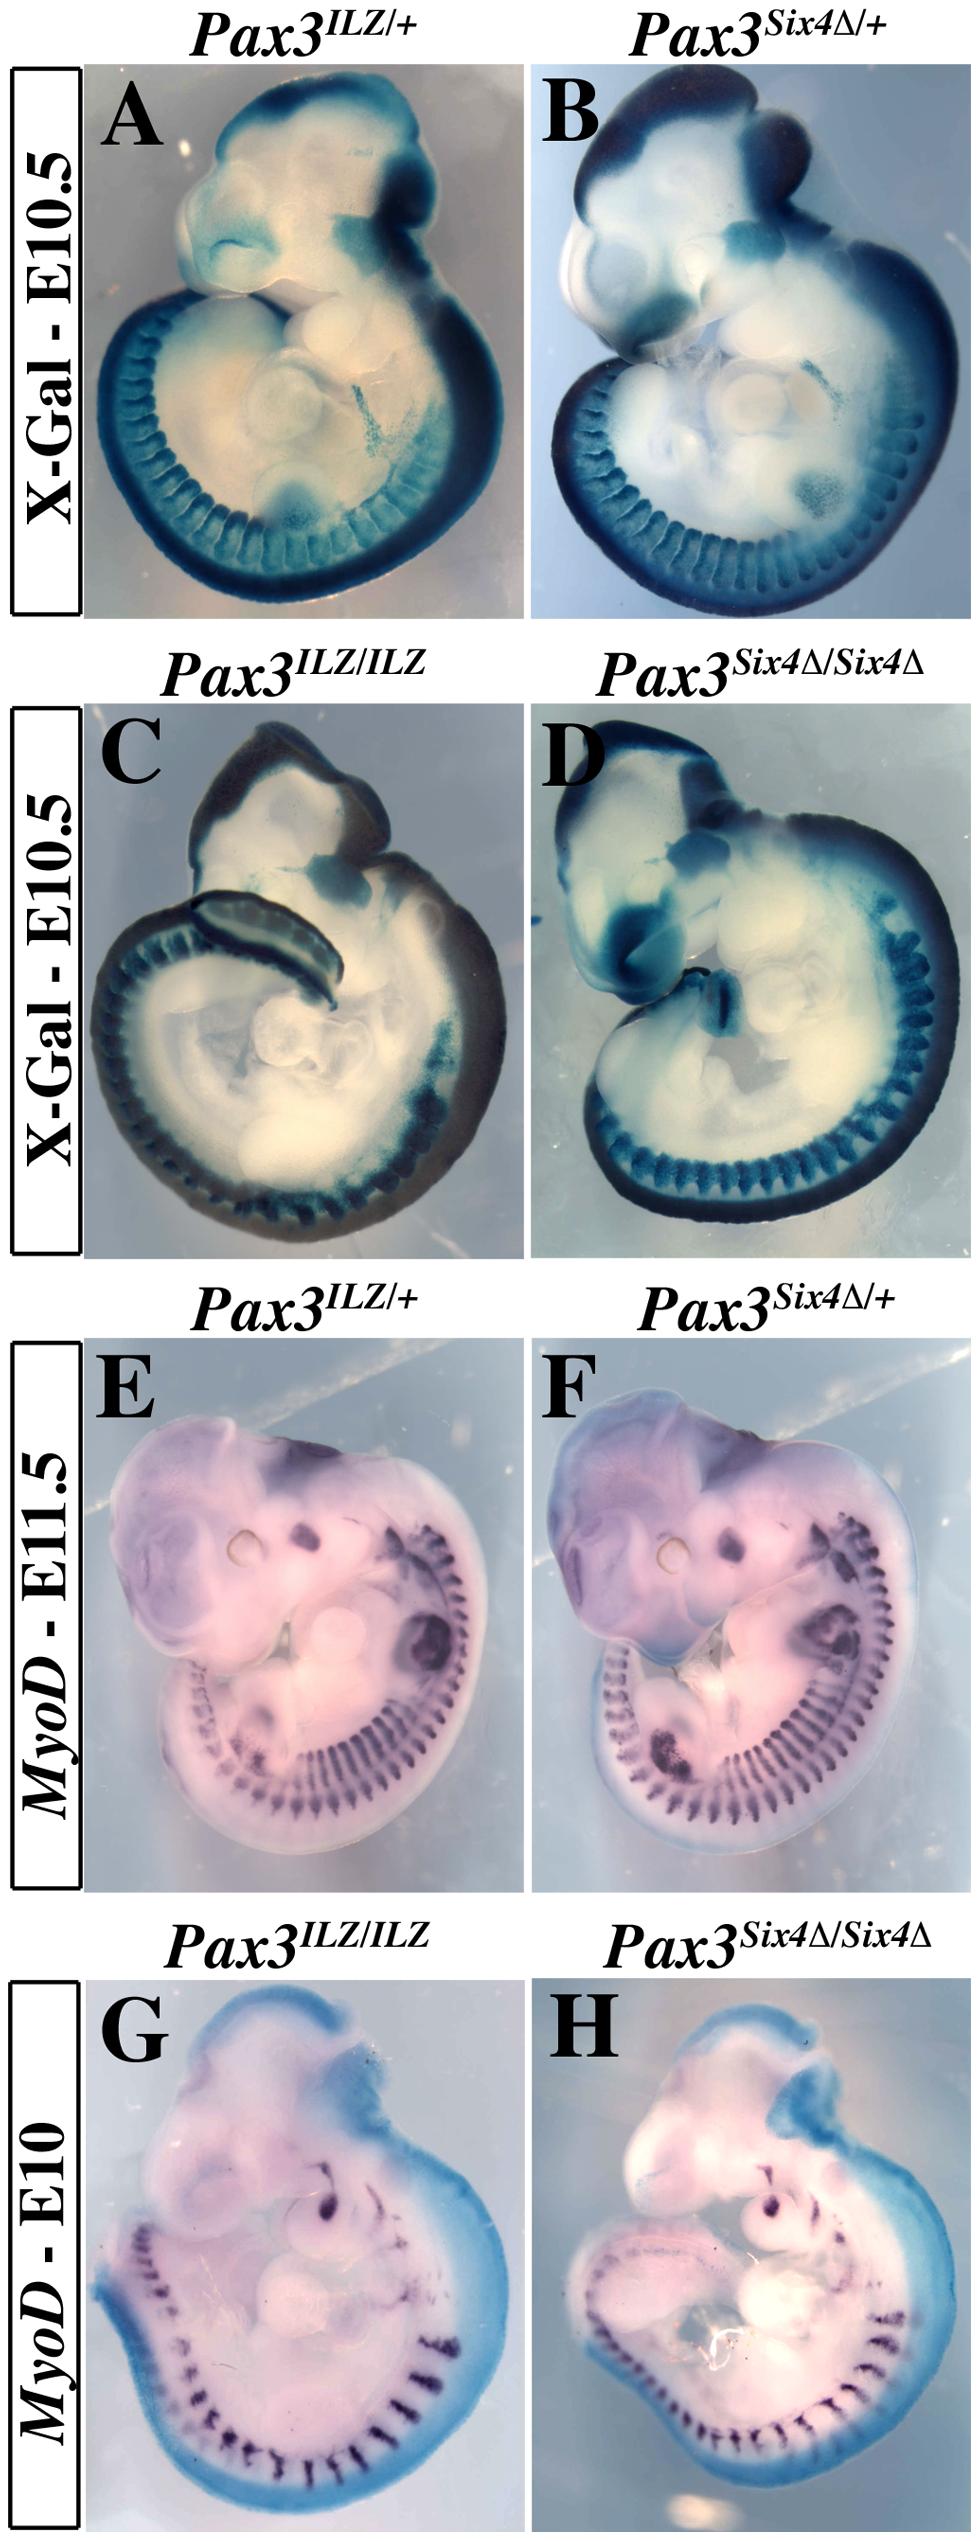 Expression of <i>Six4Δ</i> does not perturb normal embryonic development nor rescue <i>Pax3</i> mutant deficiencies.